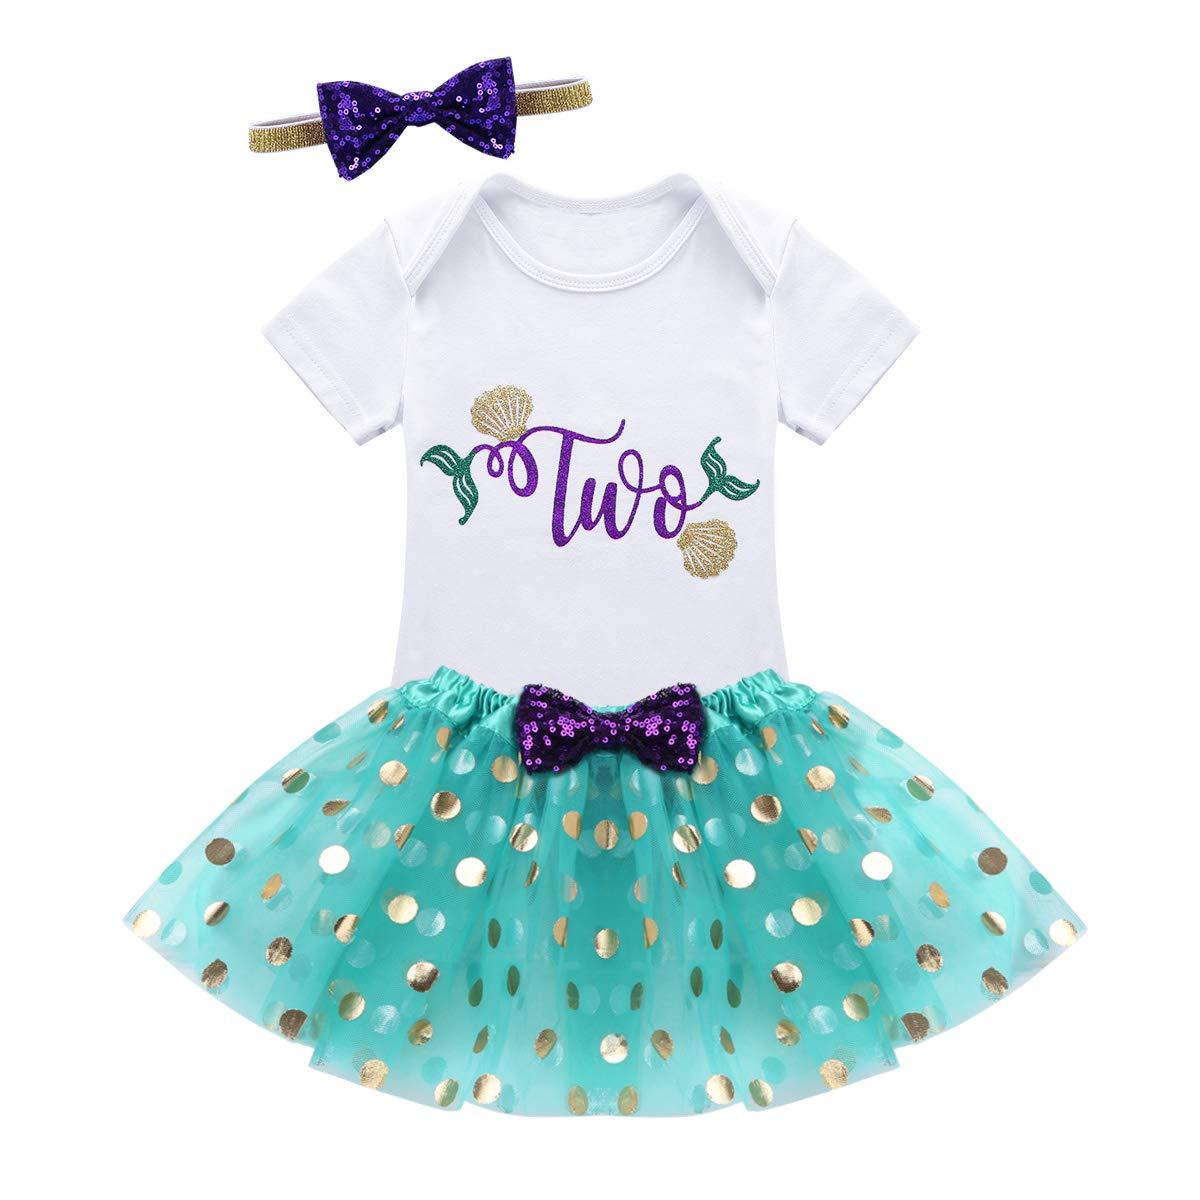 ... Cumpleaños Pelele Algodón+ Falda + Bowknot Diadema Vestido Princesa Falda Lunares Tutú Traje Conjunto Disfraz Halloween Ceremonia Fiesta: Amazon.es: ...